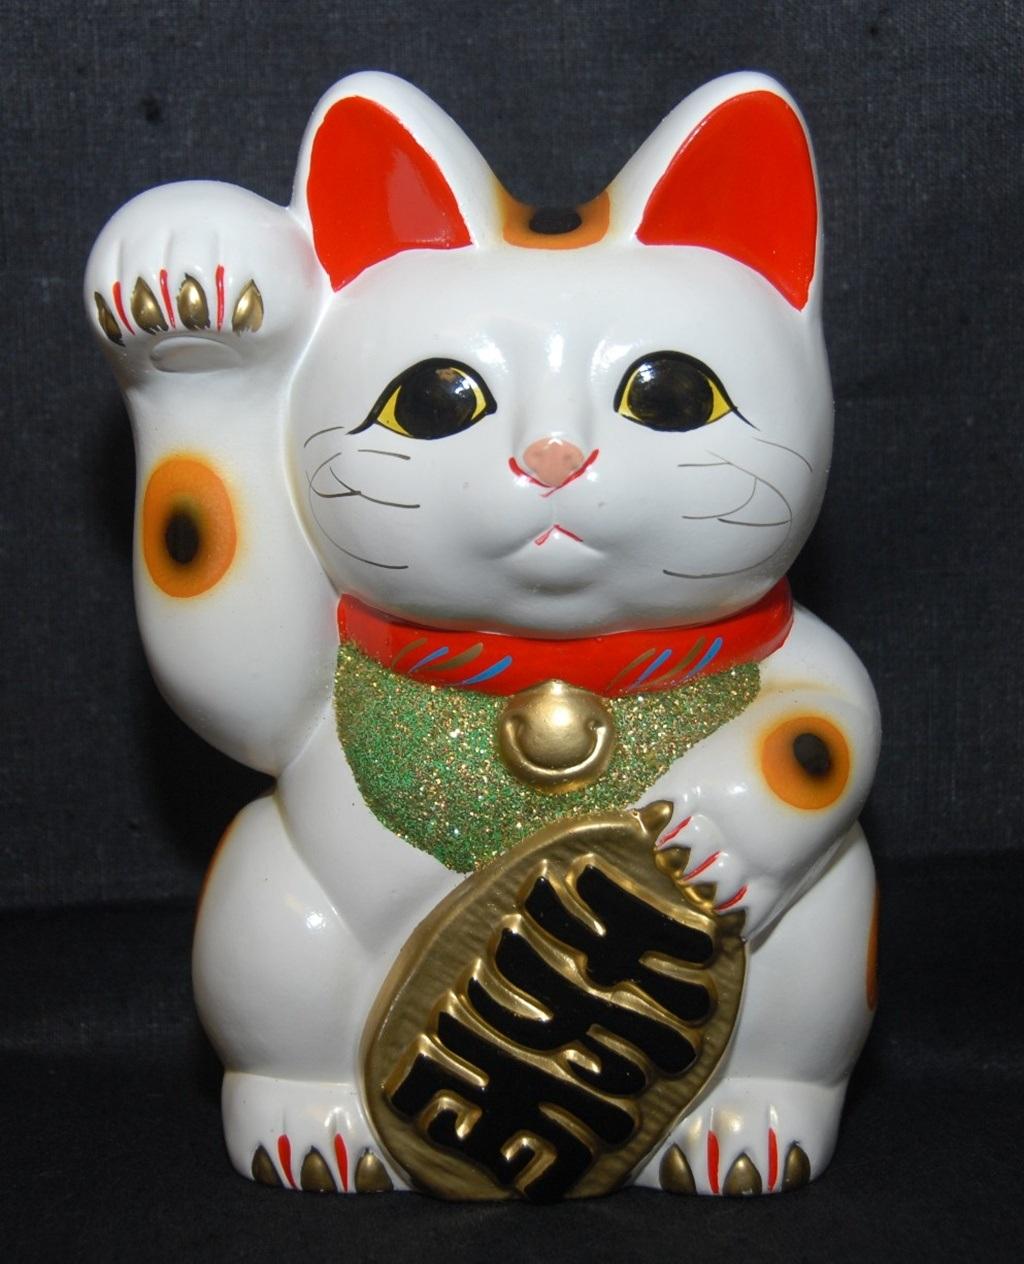 Chú mèo Maneki Neko mang lại nhiều may mắn và tài vượng